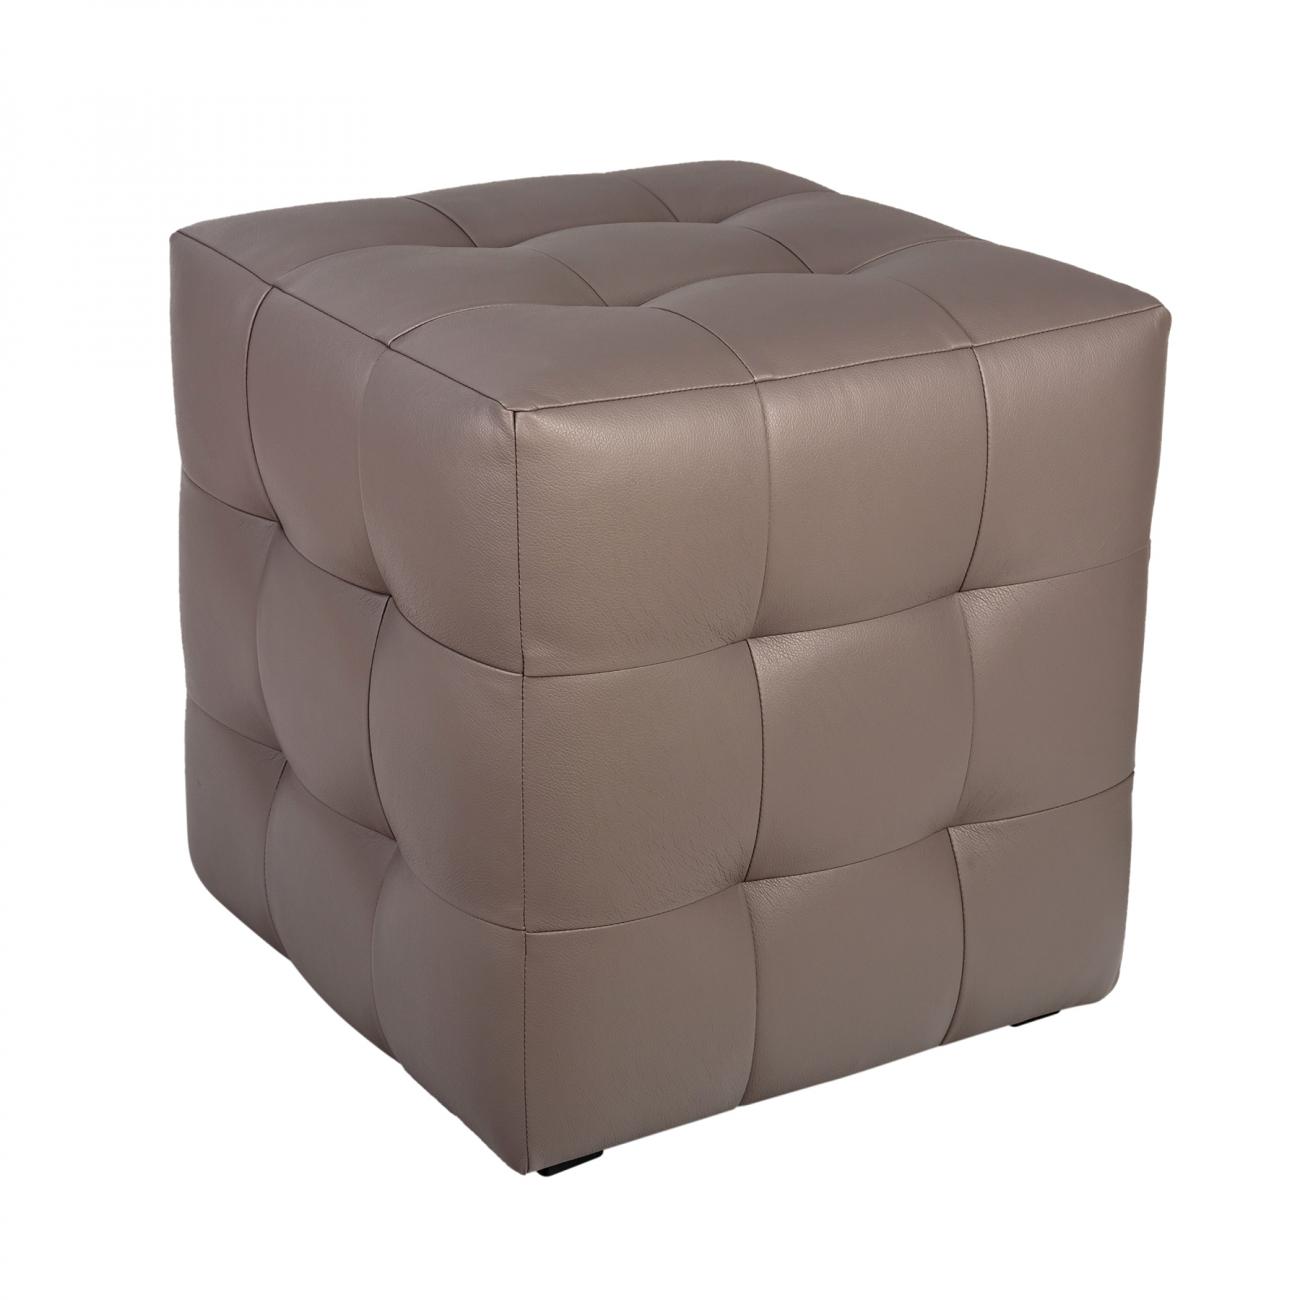 Купить Пуф Руби Серый в интернет магазине дизайнерской мебели и аксессуаров для дома и дачи